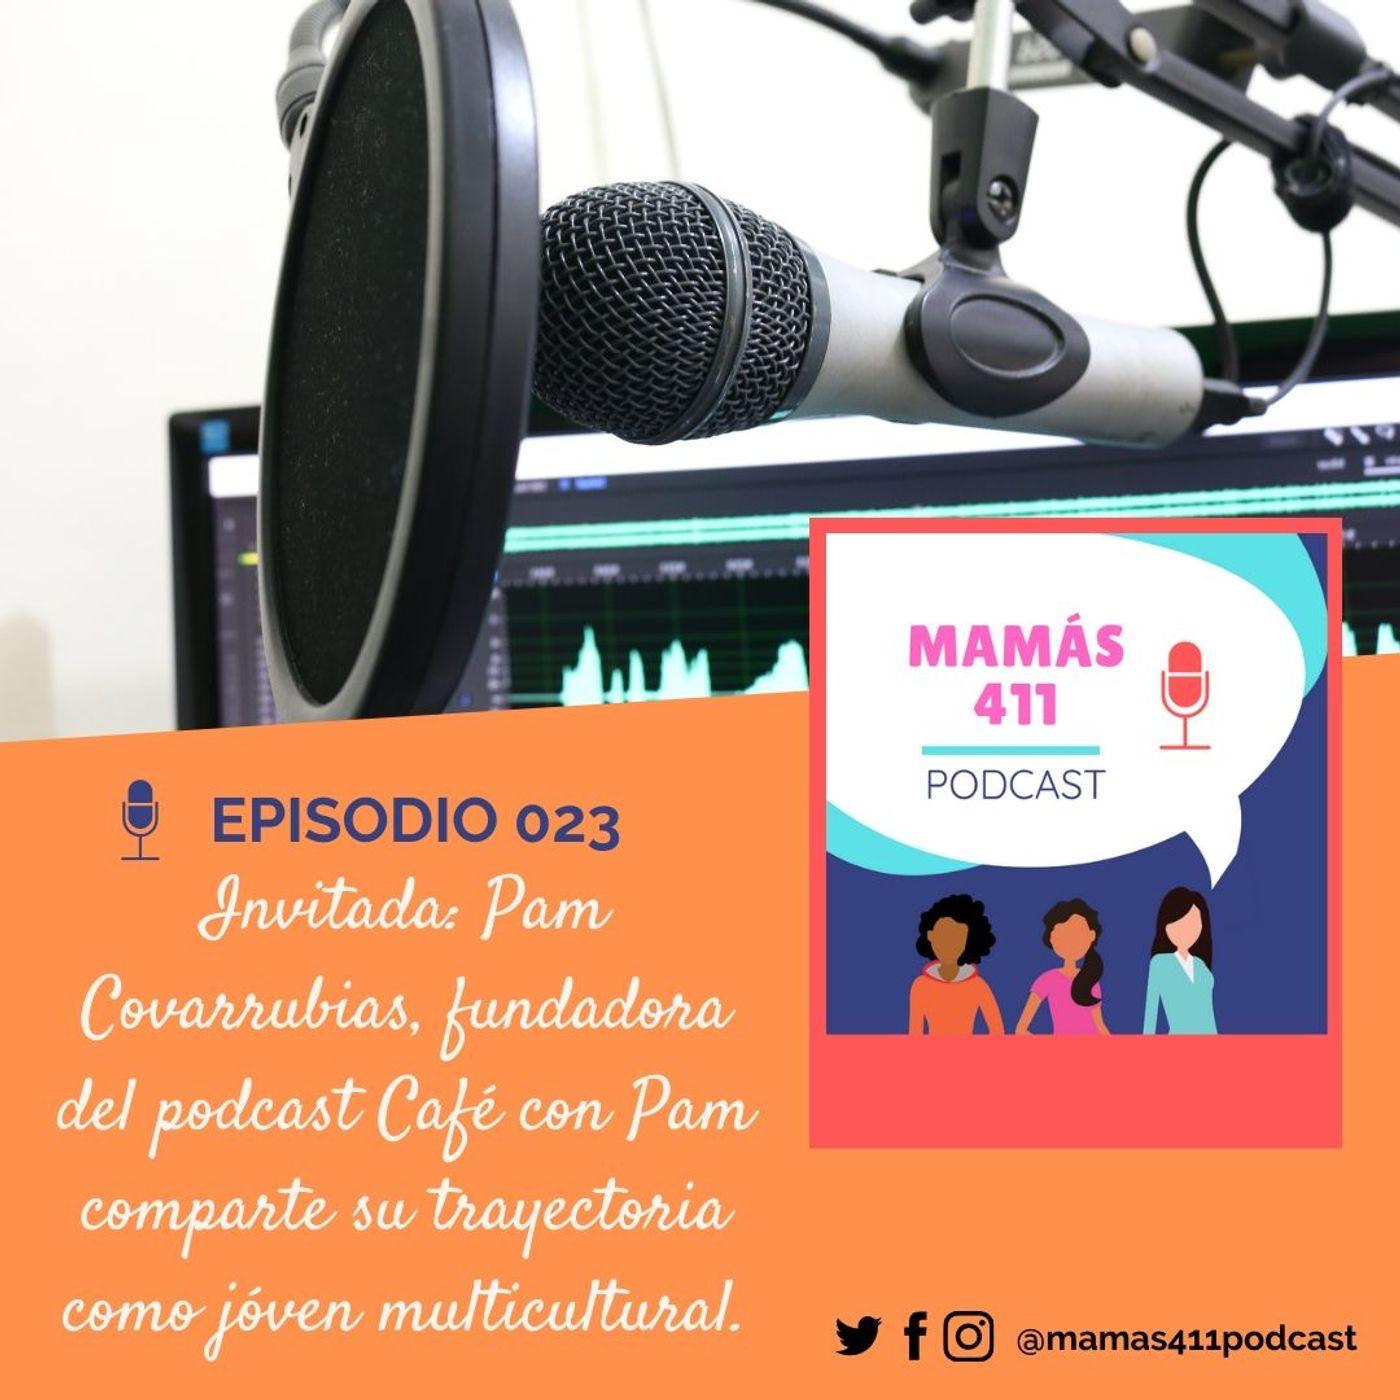 023- Invitada: Pam Covarrubias, fundadora del podcast Café con Pam comparte su trayectoria como jóven multicultural.